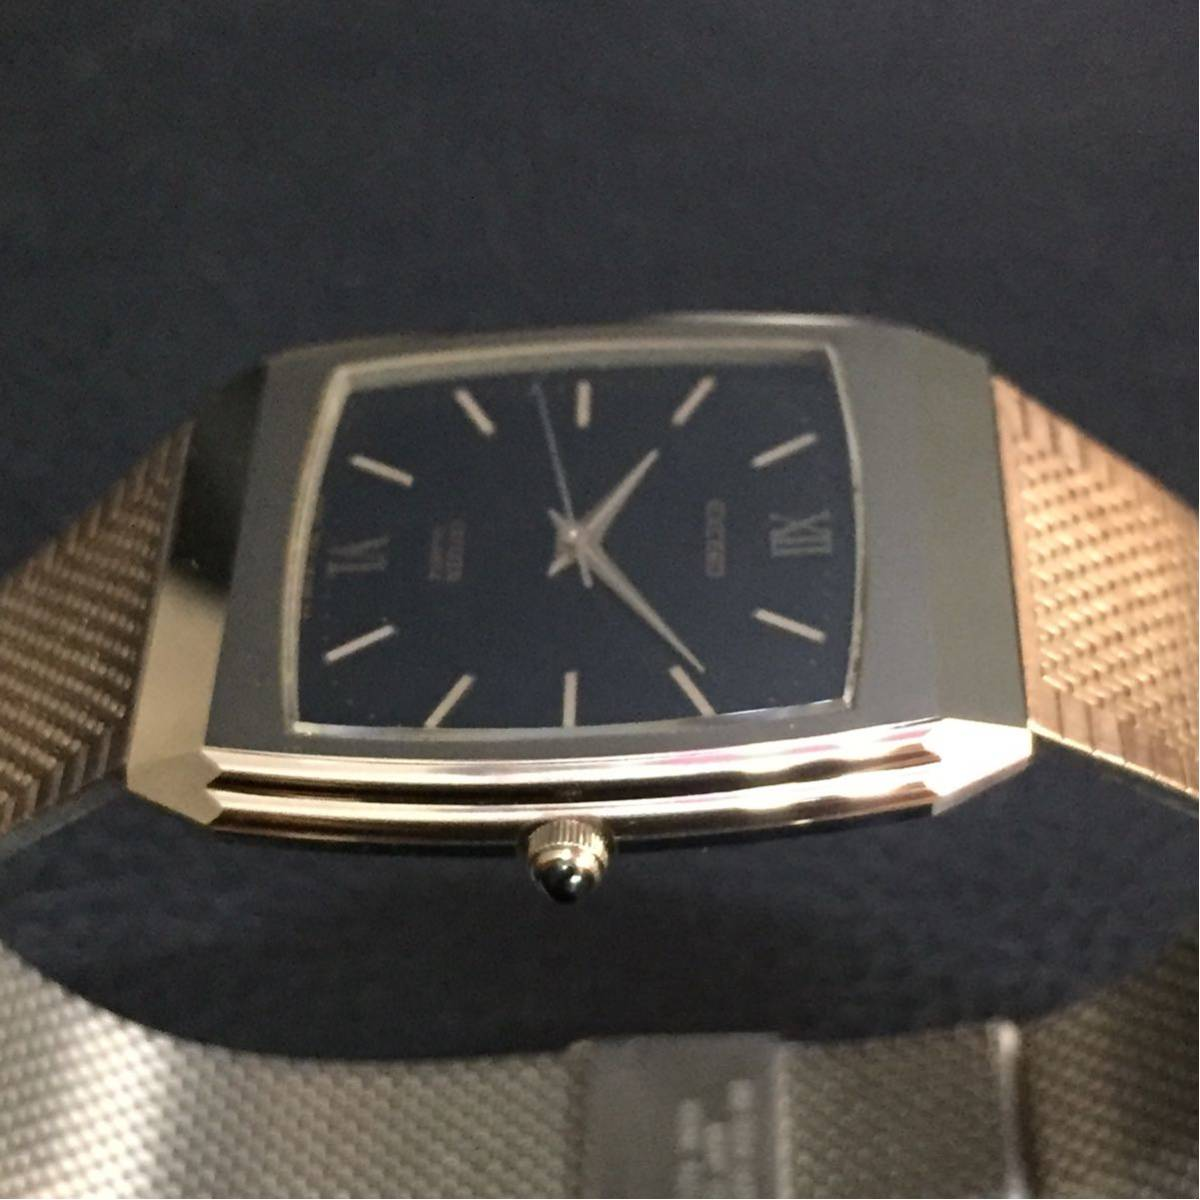 動作品【B-3】CITIZEN シチズン EXCEED エクシード 4-798392 クォーツ メンズ 腕時計_画像5